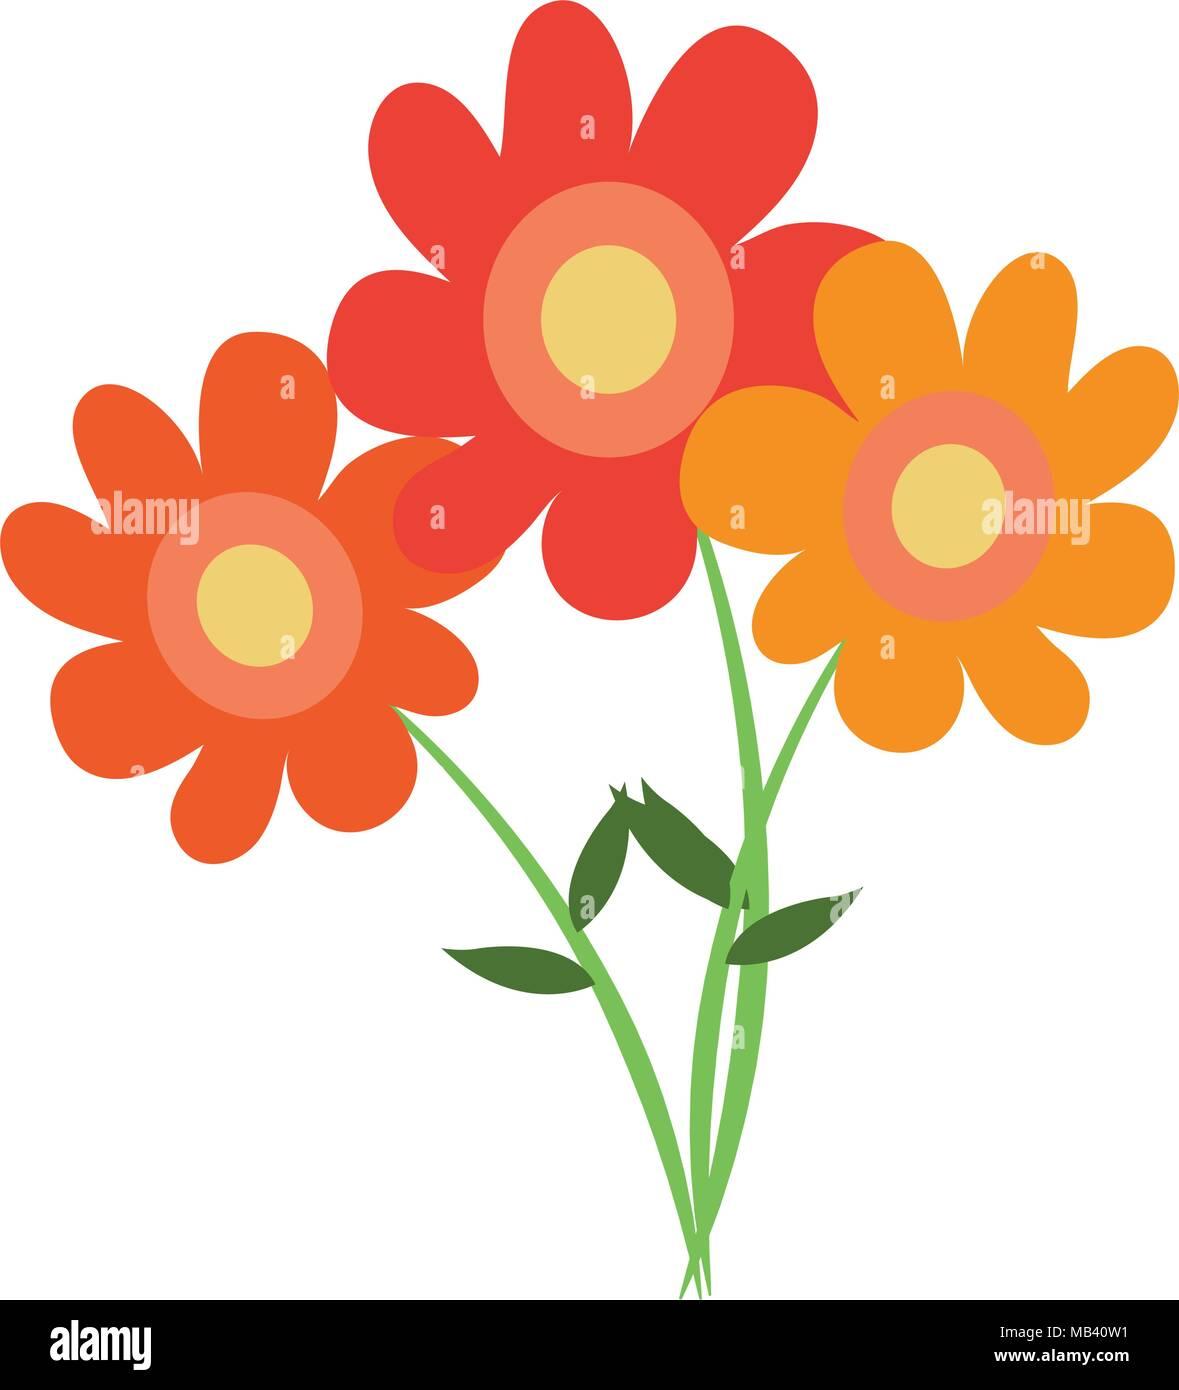 Beautiful flowers cartoon stock vector art illustration vector beautiful flowers cartoon izmirmasajfo